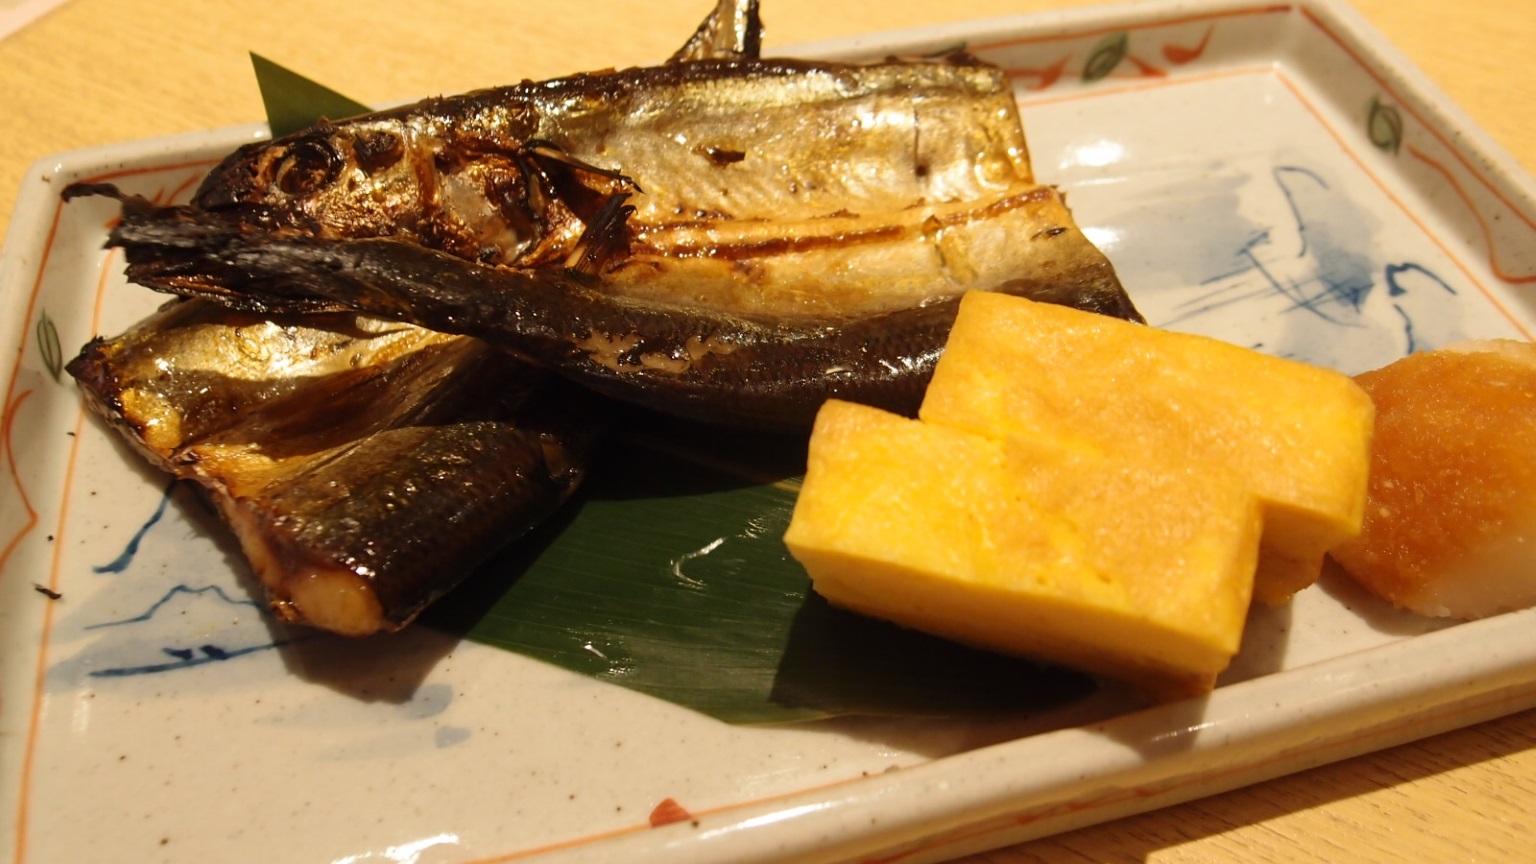 銀座 割烹バル八寸 焼き魚ランチ